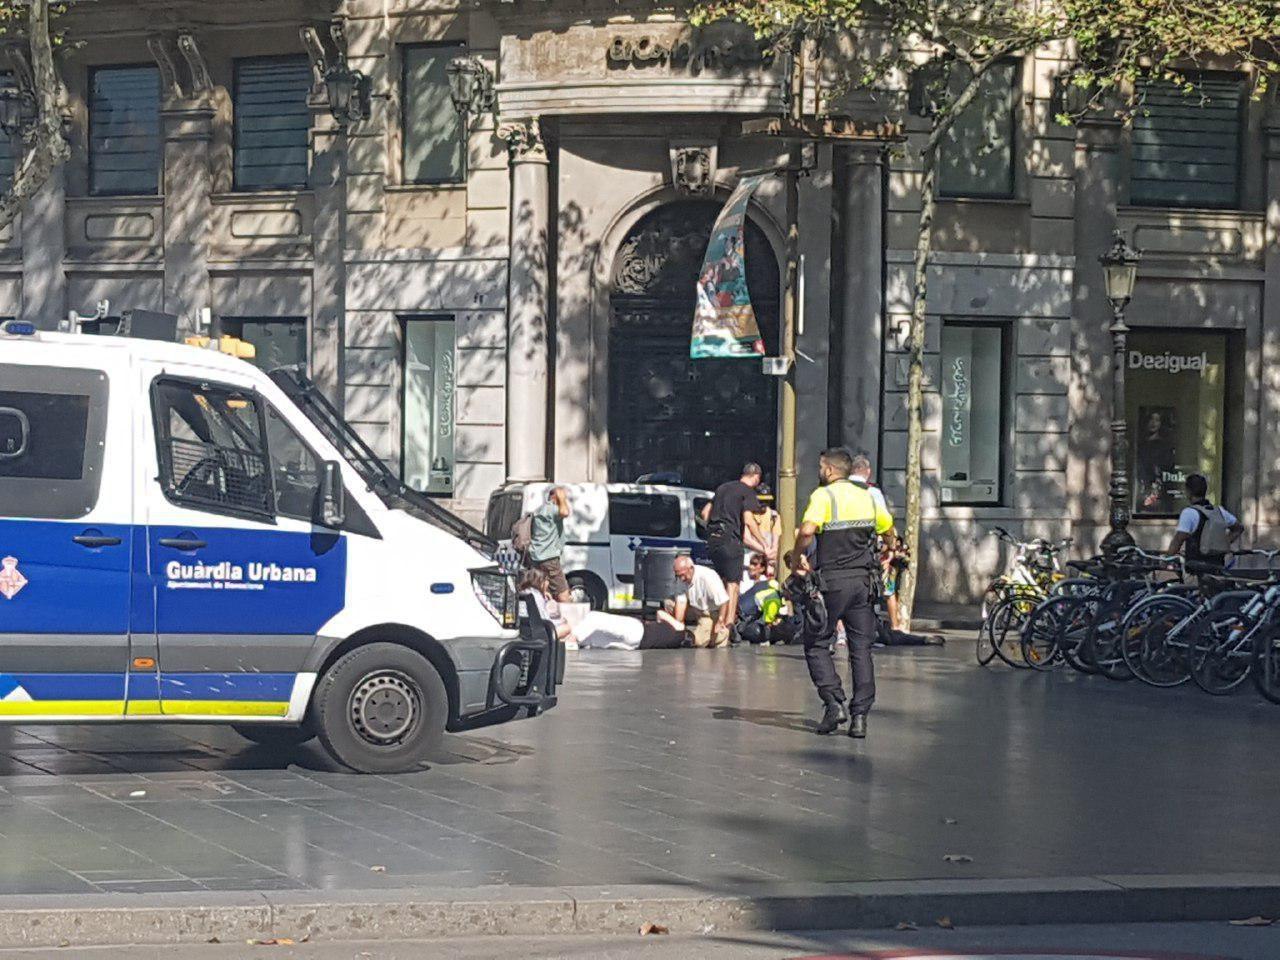 فیلم | همه آنچه در حمله تروریستی و گروگانگیری بارسلونا گذشت